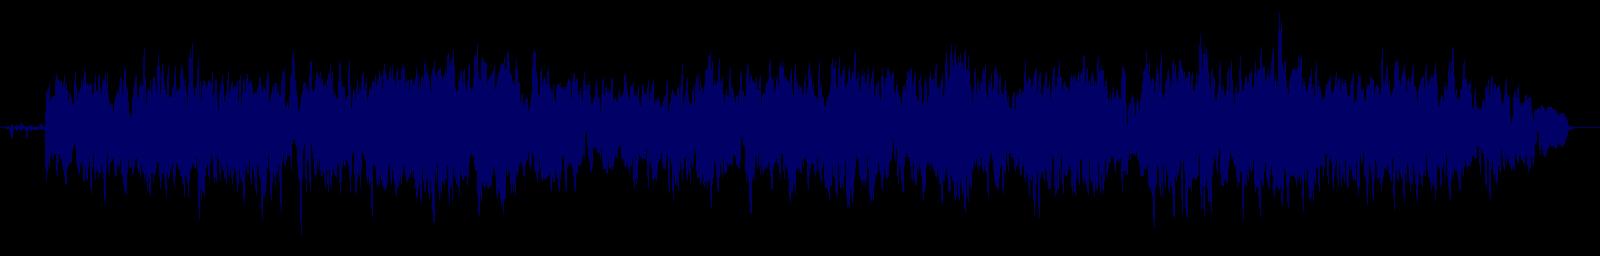 waveform of track #136789